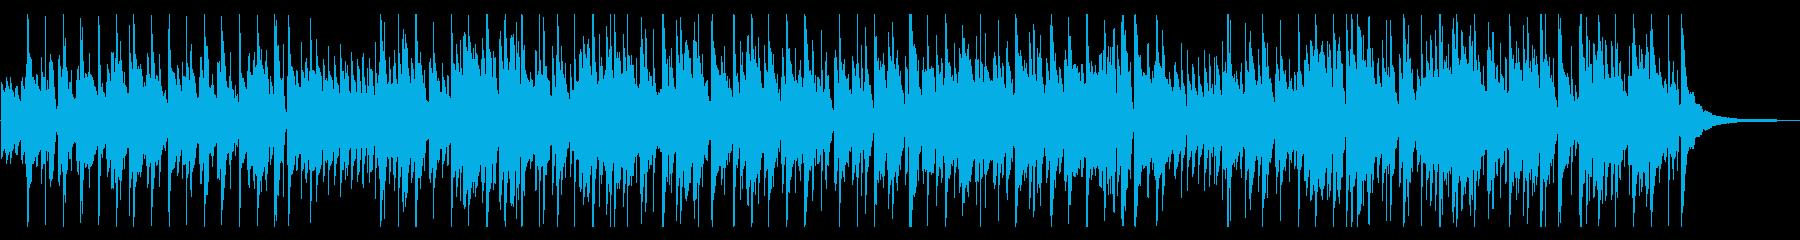 ボサノバとフュージョンの融合の再生済みの波形